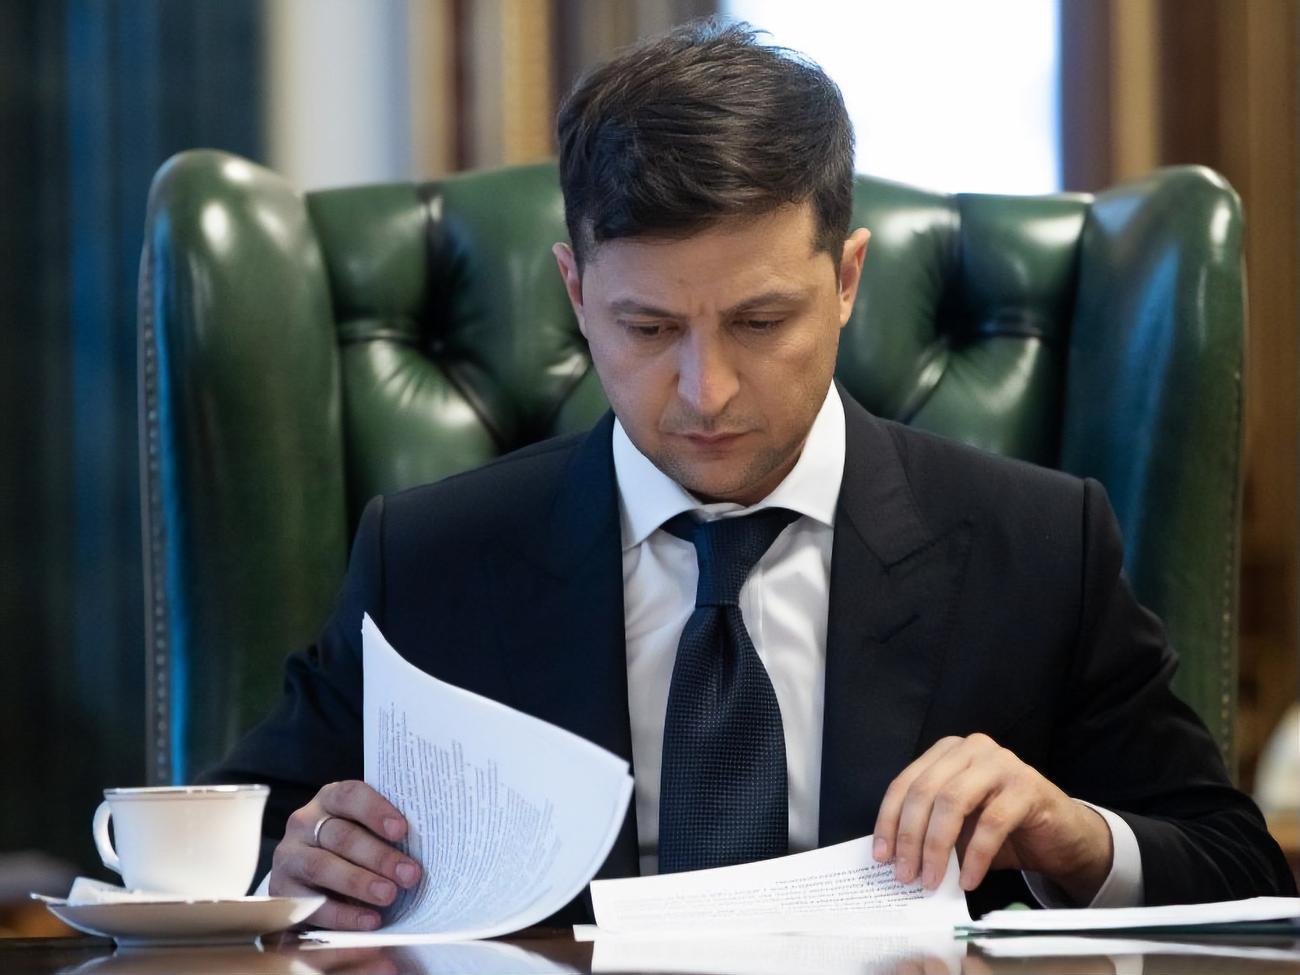 Зеленский исправил ошибки Порошенко, подведшего под санкции случайных людей